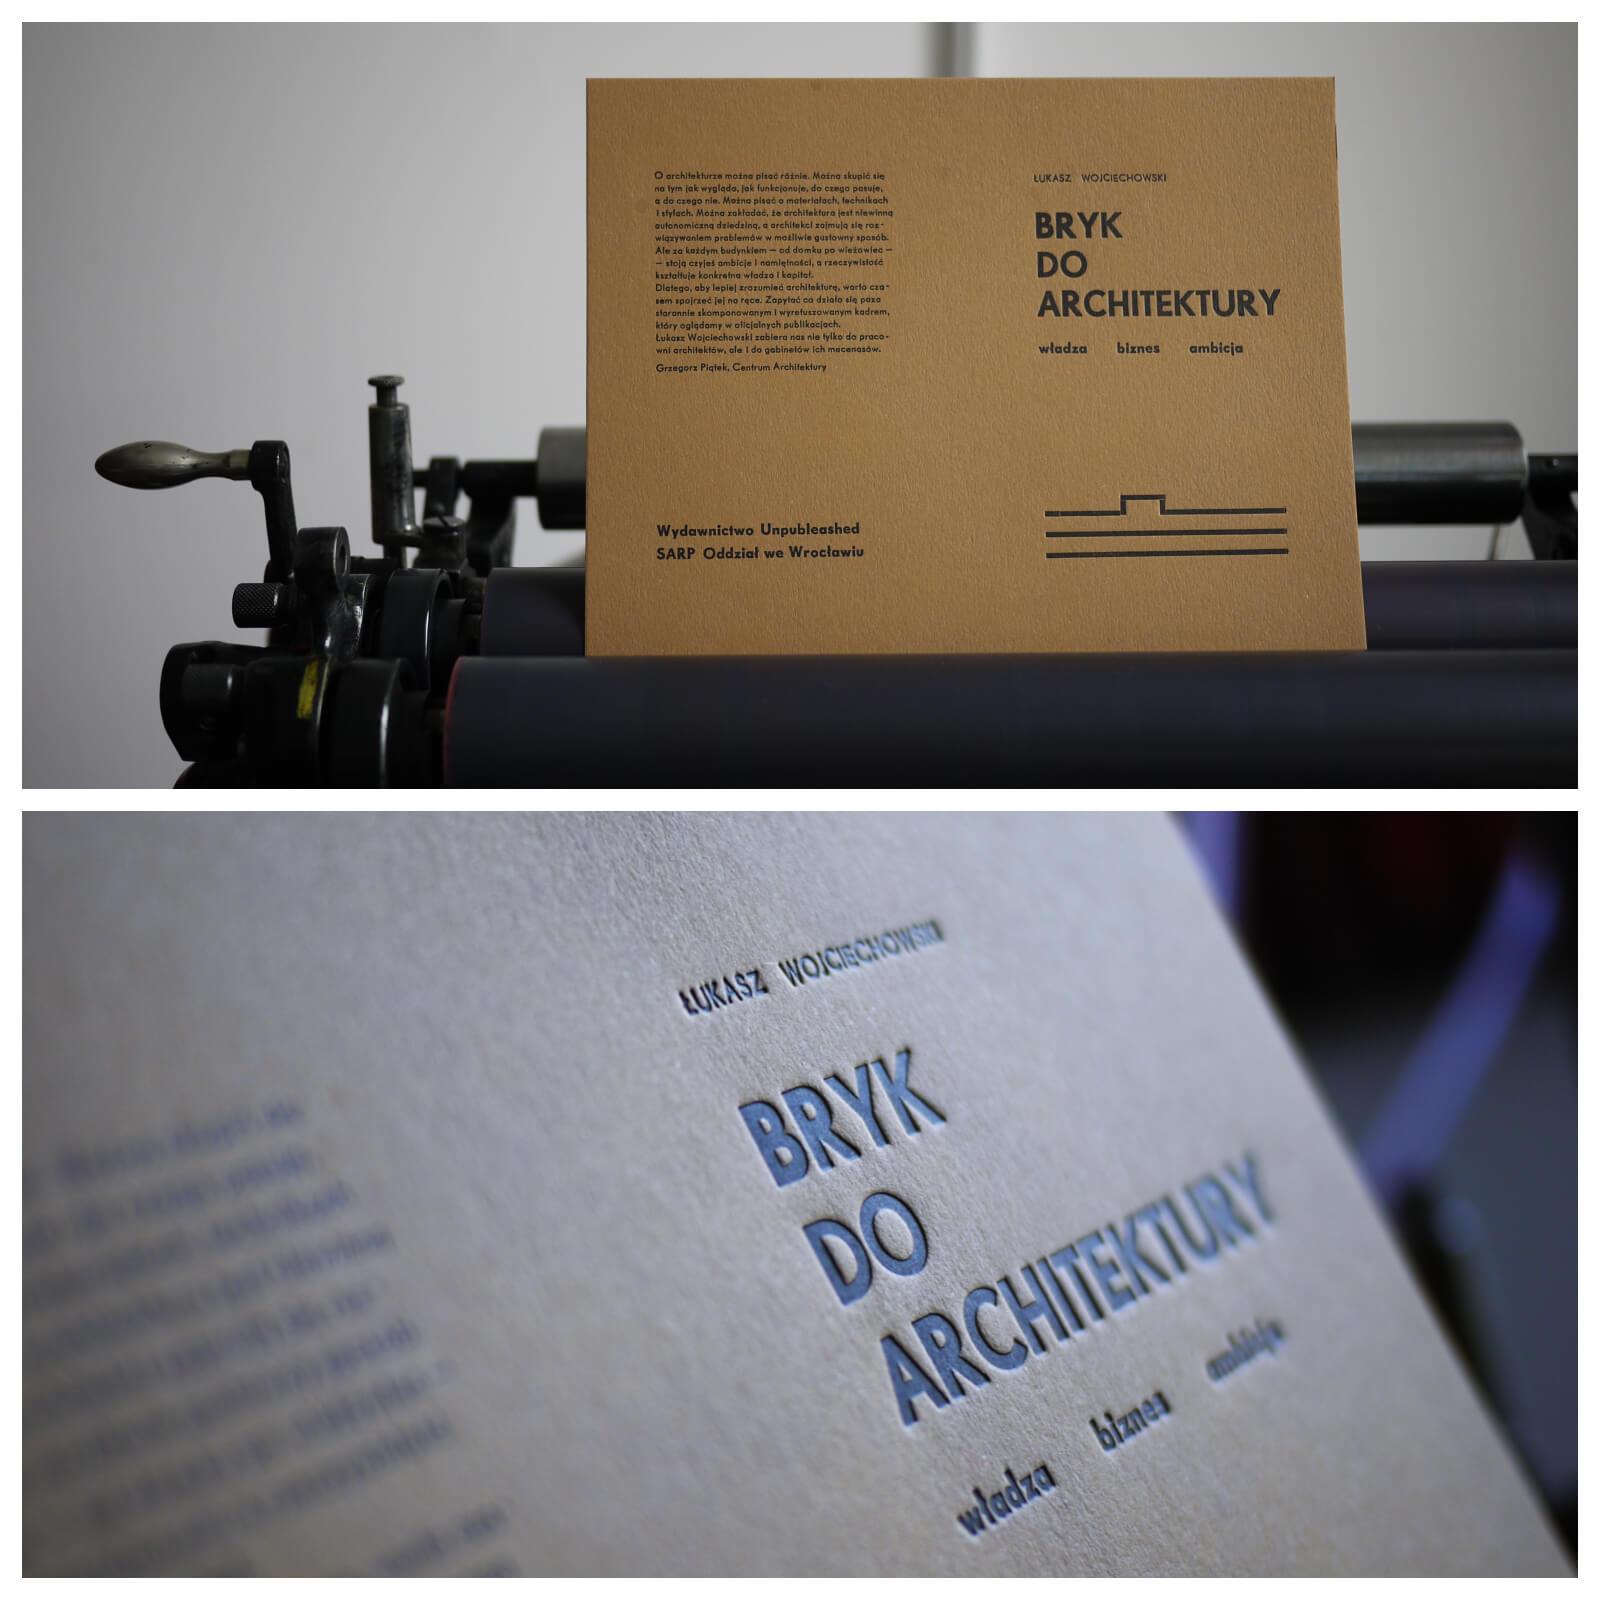 Bryk doarchitektury – druk okładki publikacji